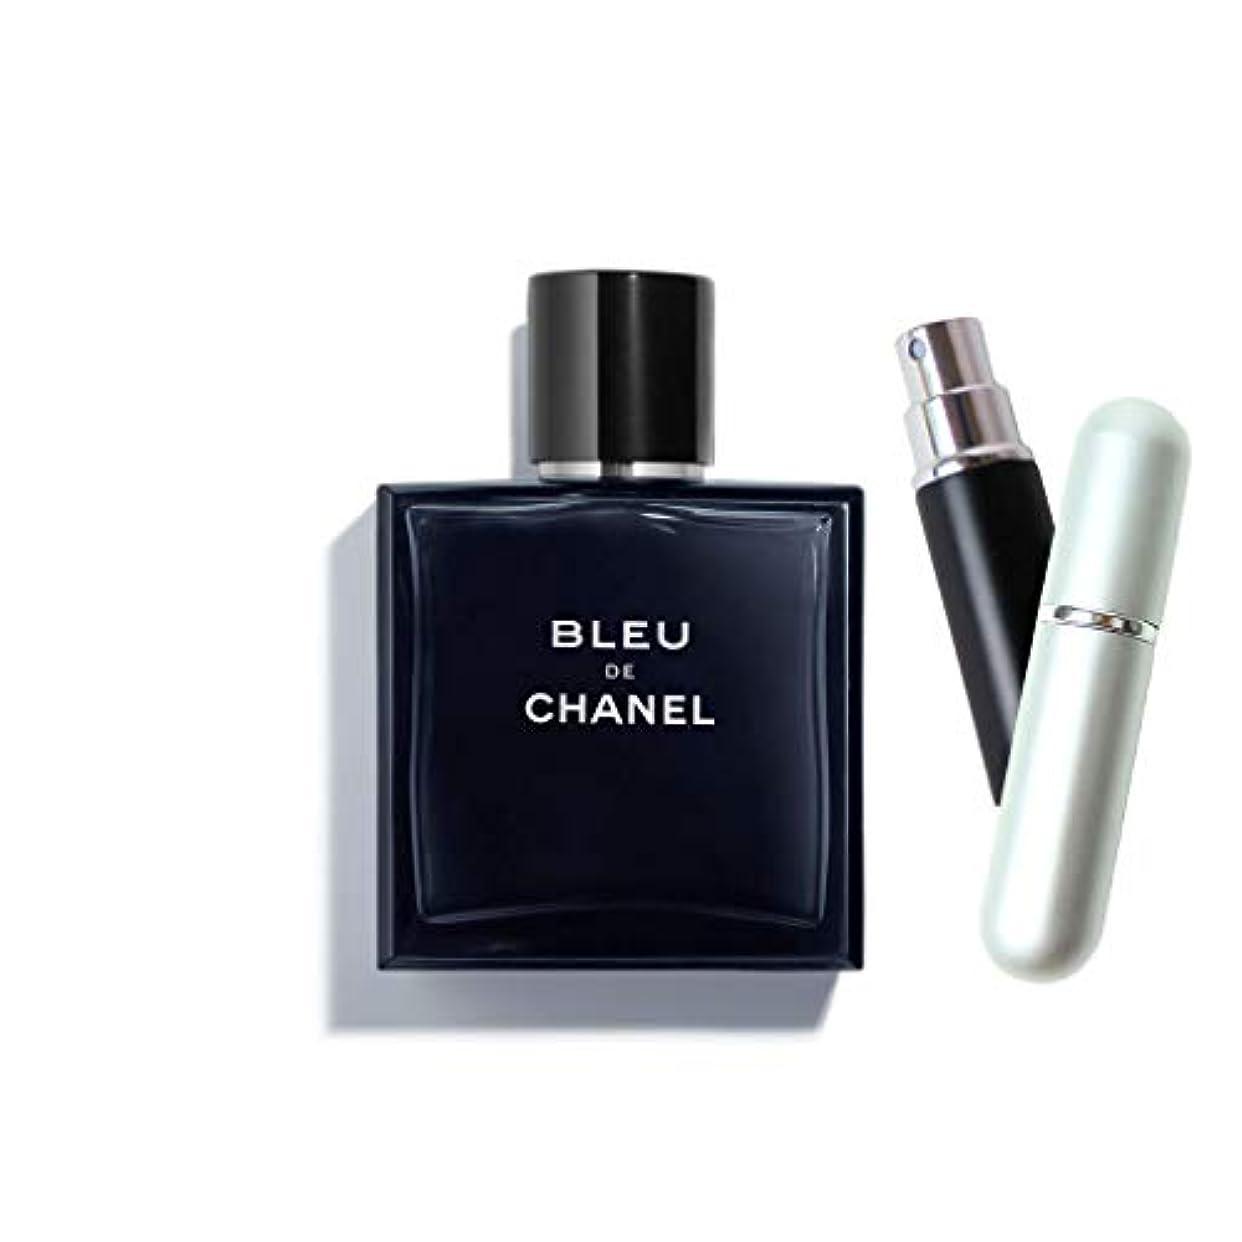 フルート黒擬人[正規品 セット品] アトマイザー付き シャネル 香水 ブルー ドゥ シャネル EDT 50ml